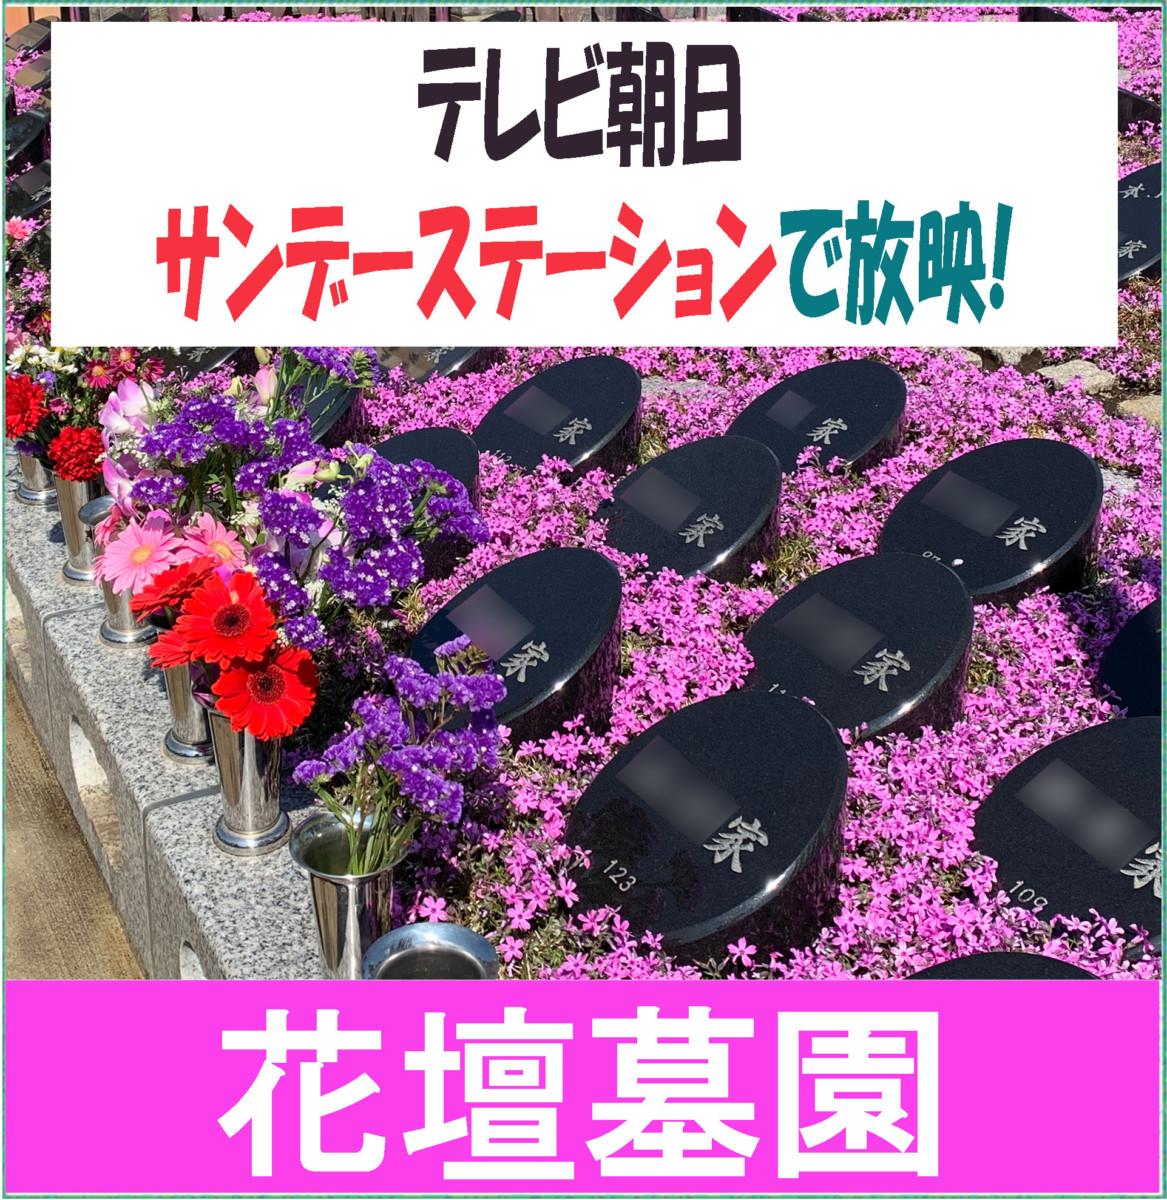 谷中ガーデン墓園 【花壇墓苑】